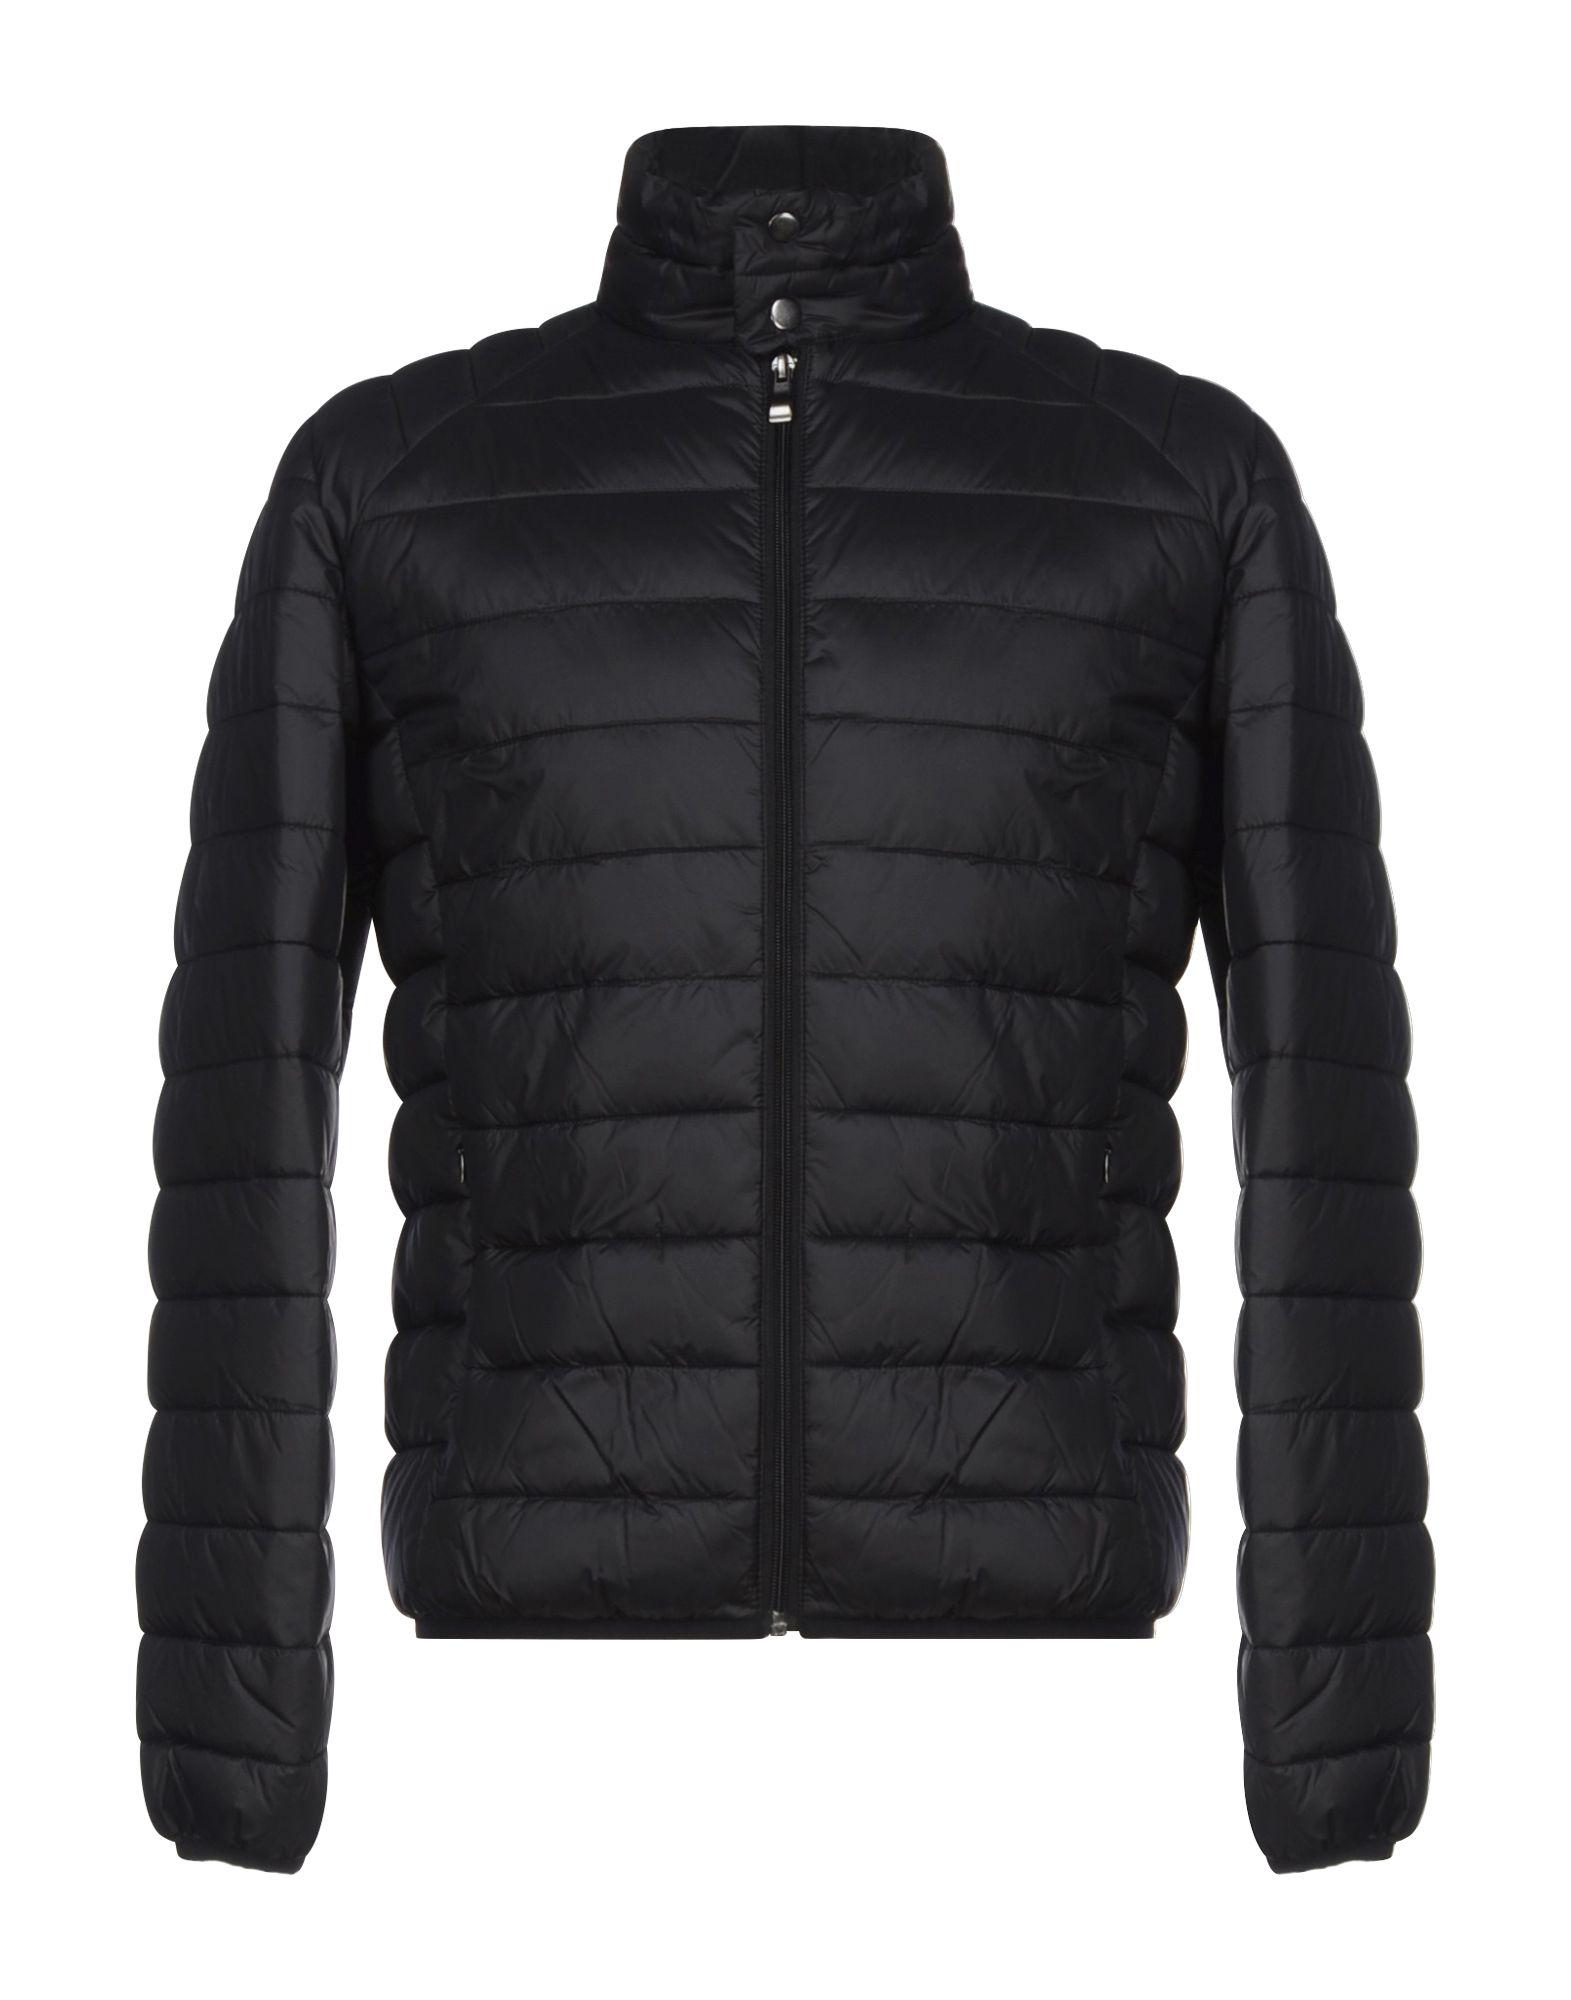 DAMA Jackets in Black